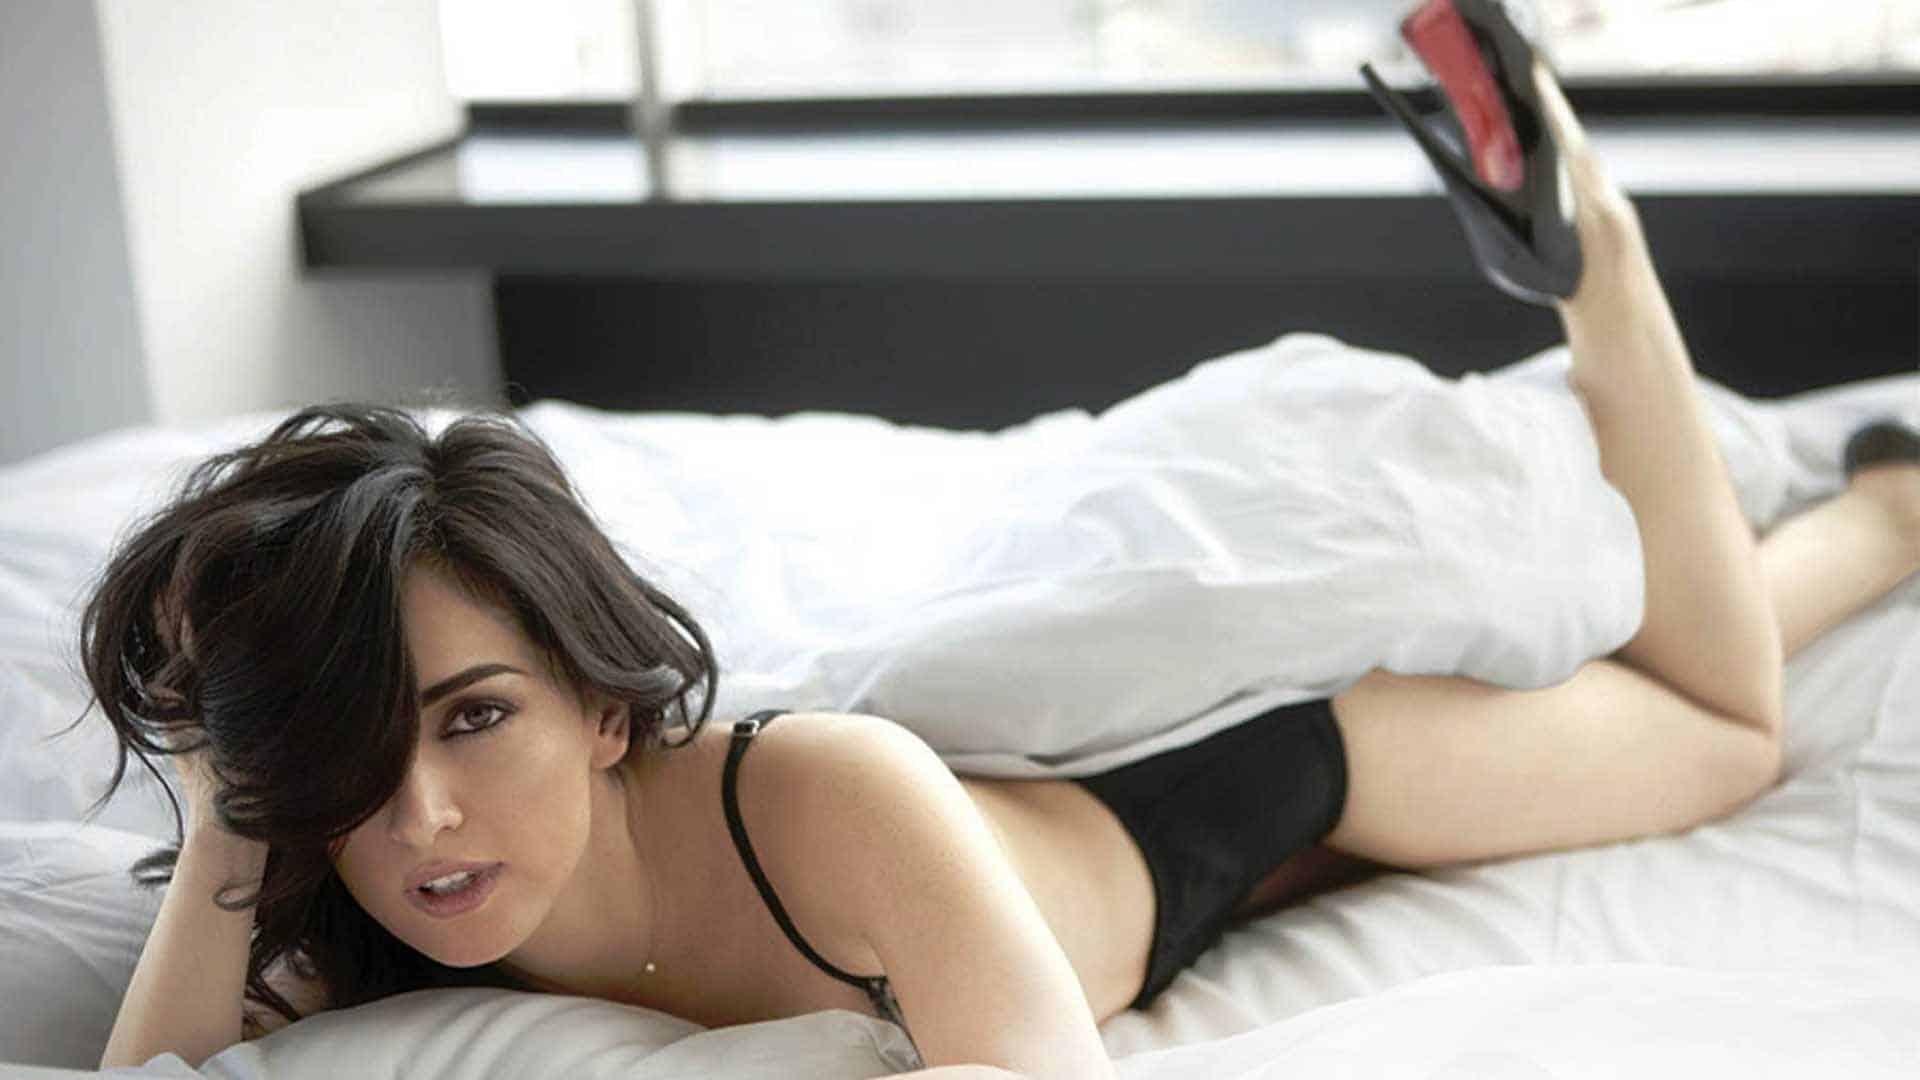 Ana Claudia Talancon on the bed